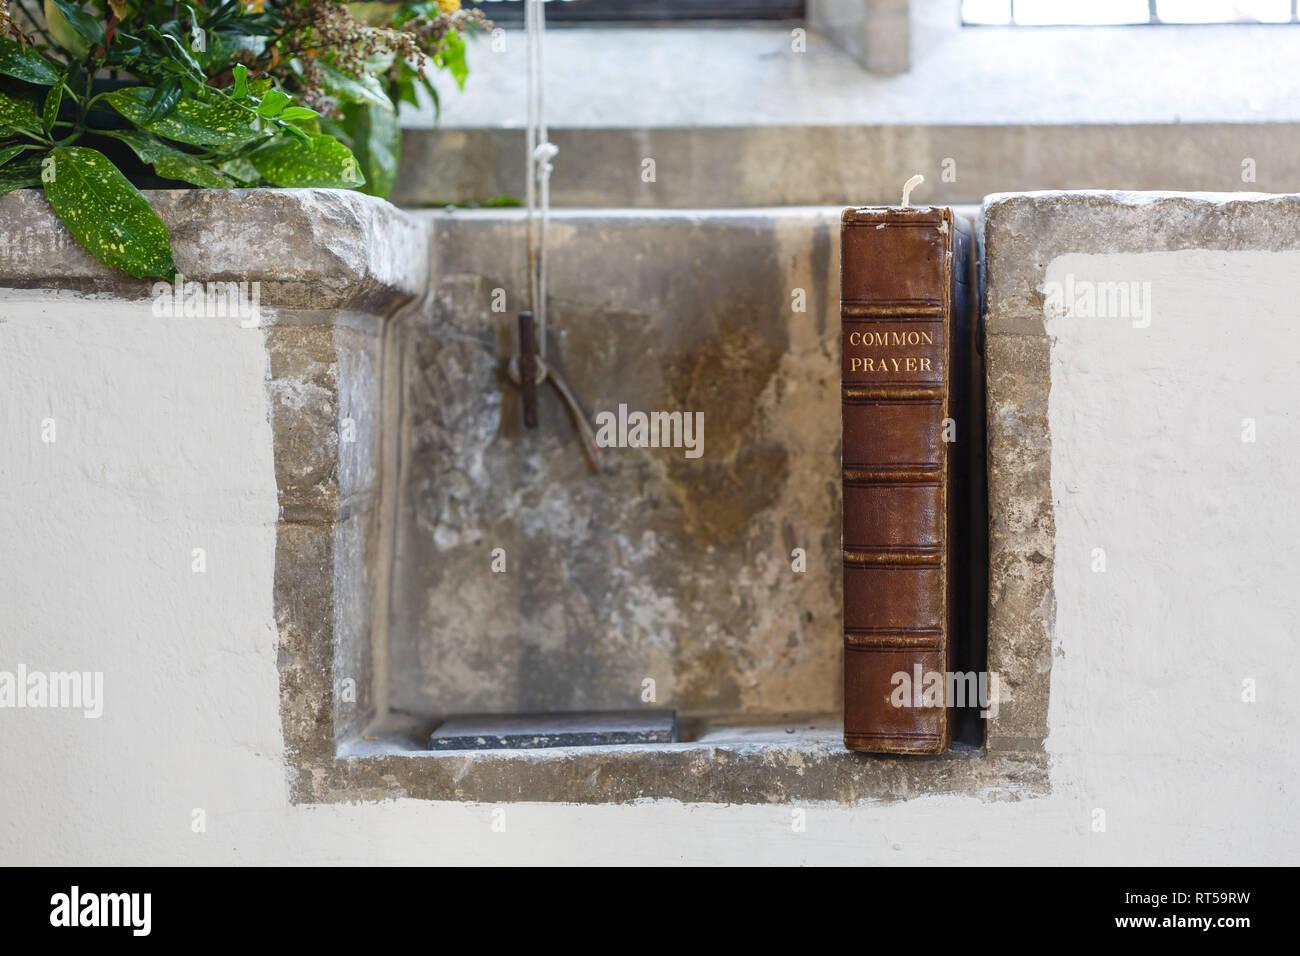 Dettaglio di un antica chiesa di Inghilterra chiesa con un vecchio libro di preghiere. Raffigura il cristianesimo e la religione Immagini Stock